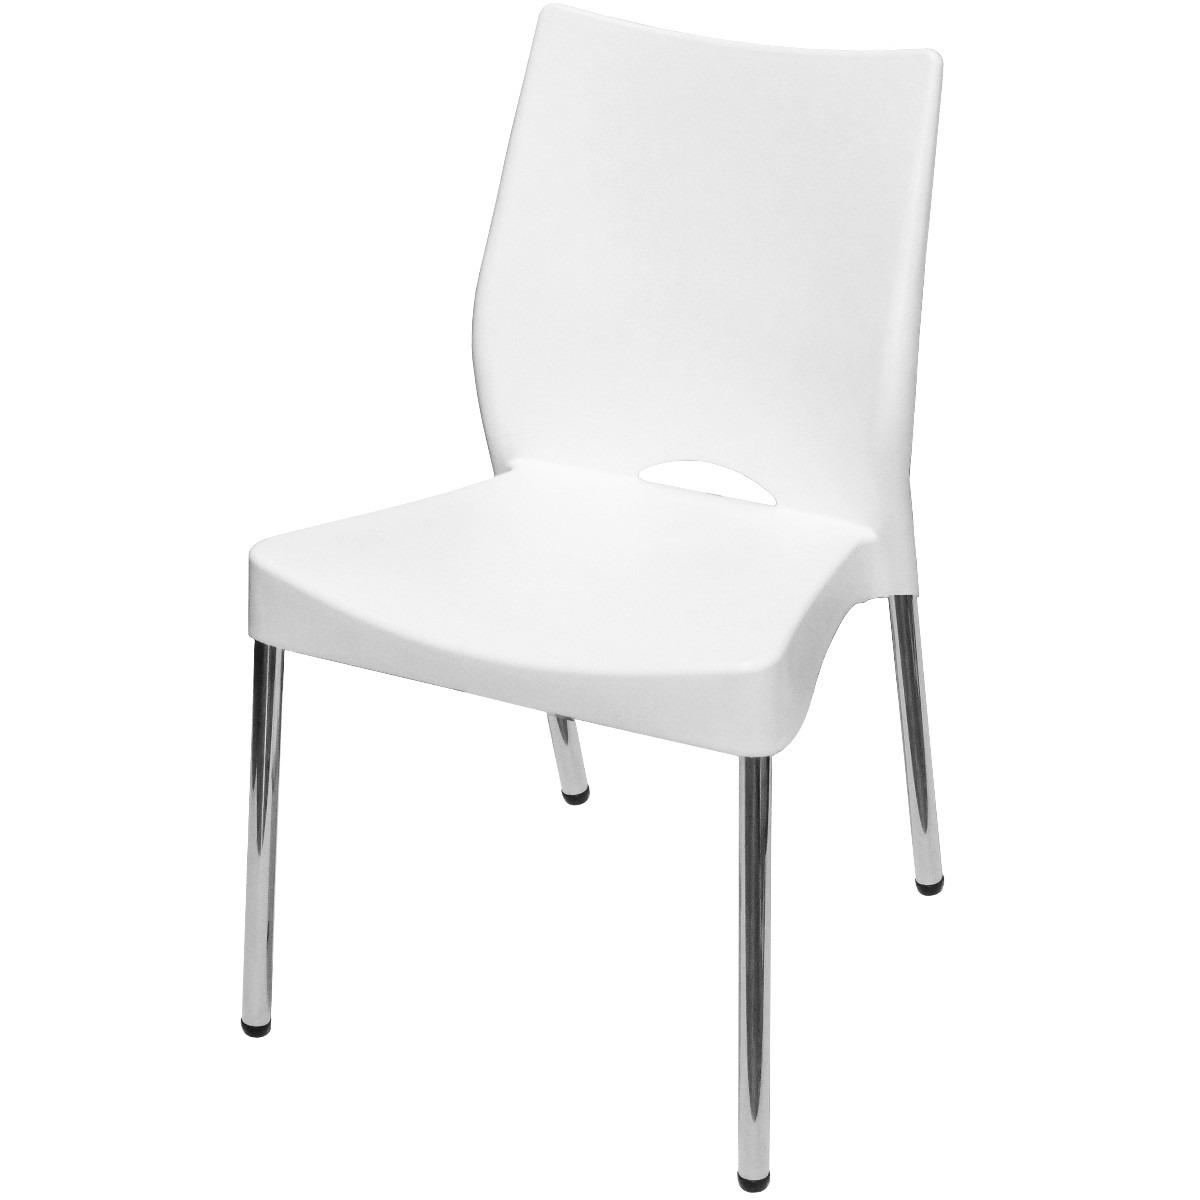 silla-de-diseno-malba-con-patas-cromadas-apilable-oferta-4724-mla3836703098_022013-f